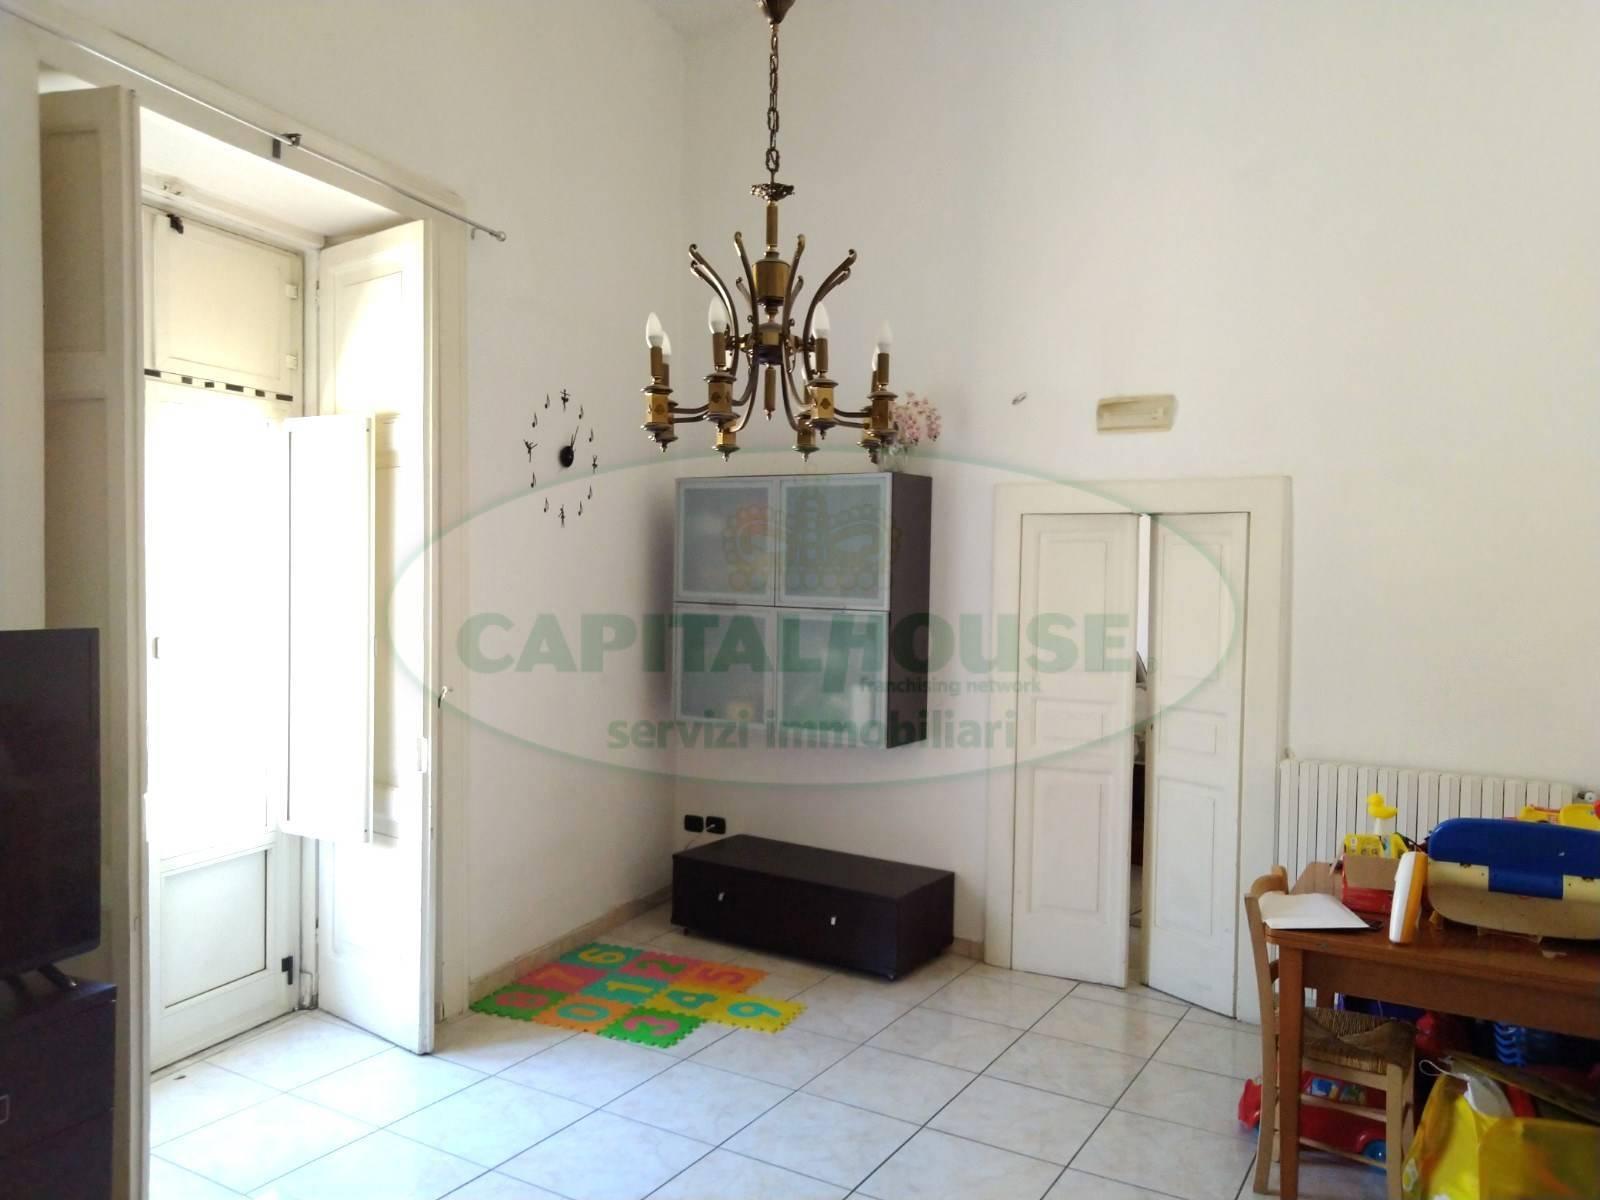 Appartamento in vendita a Nola, 2 locali, prezzo € 68.000   CambioCasa.it